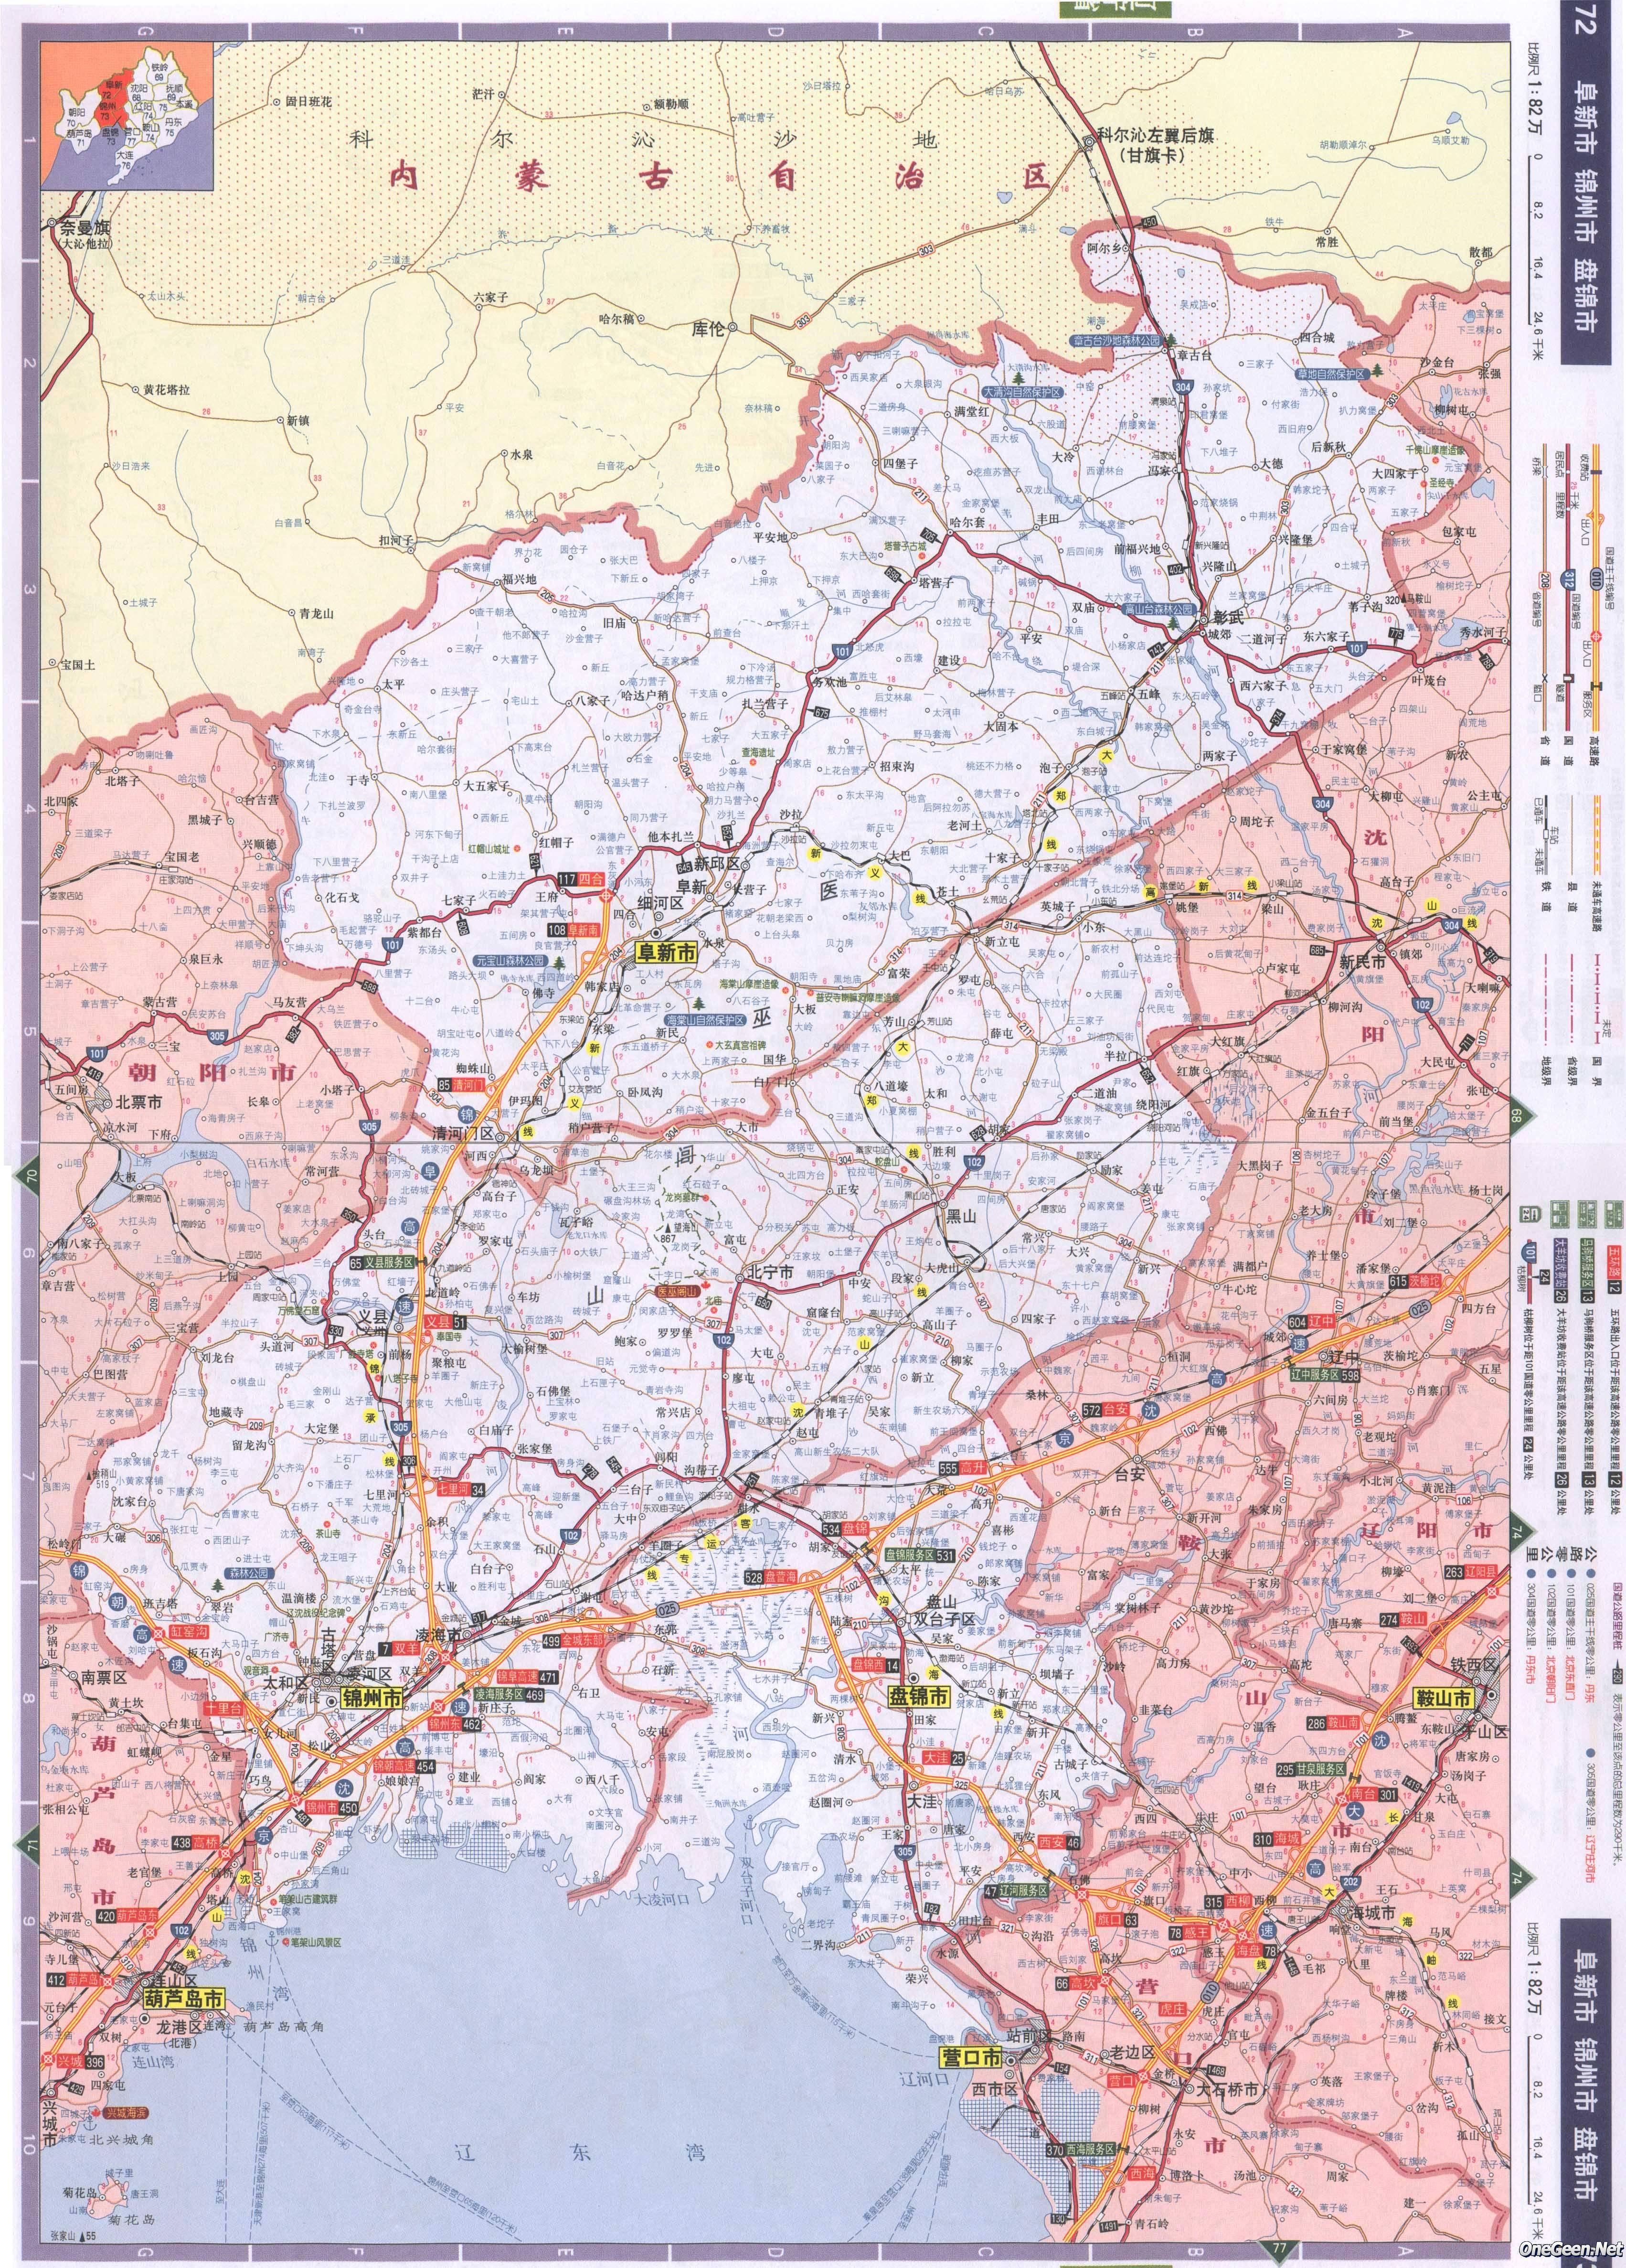 辽宁省阜新市锦州市盘锦市交通地图_交通地图库